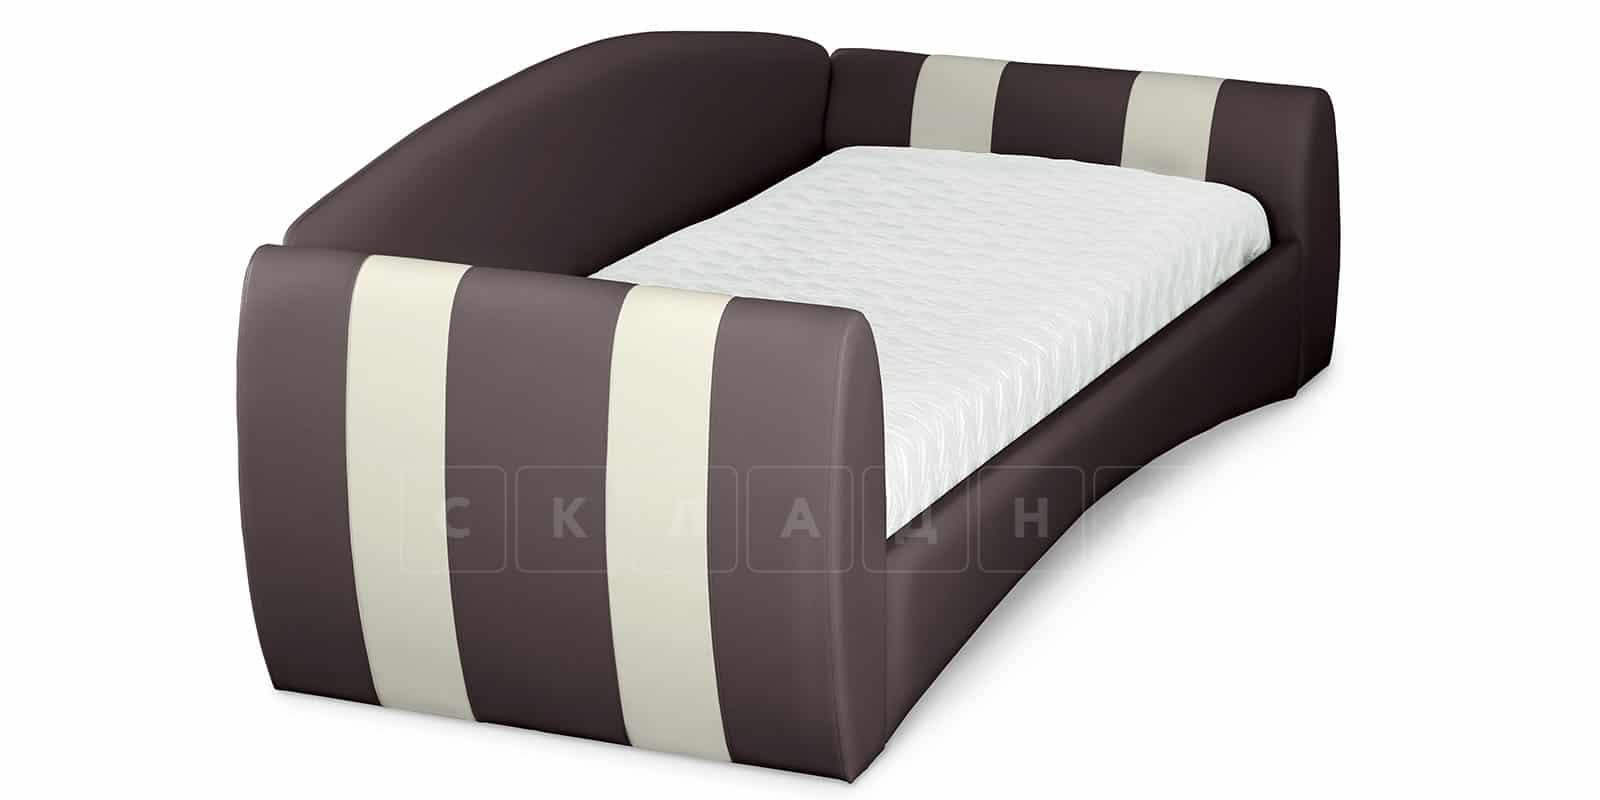 Мягкая кровать Монако 90х190см шоколадного цвета левая фото 4   интернет-магазин Складно